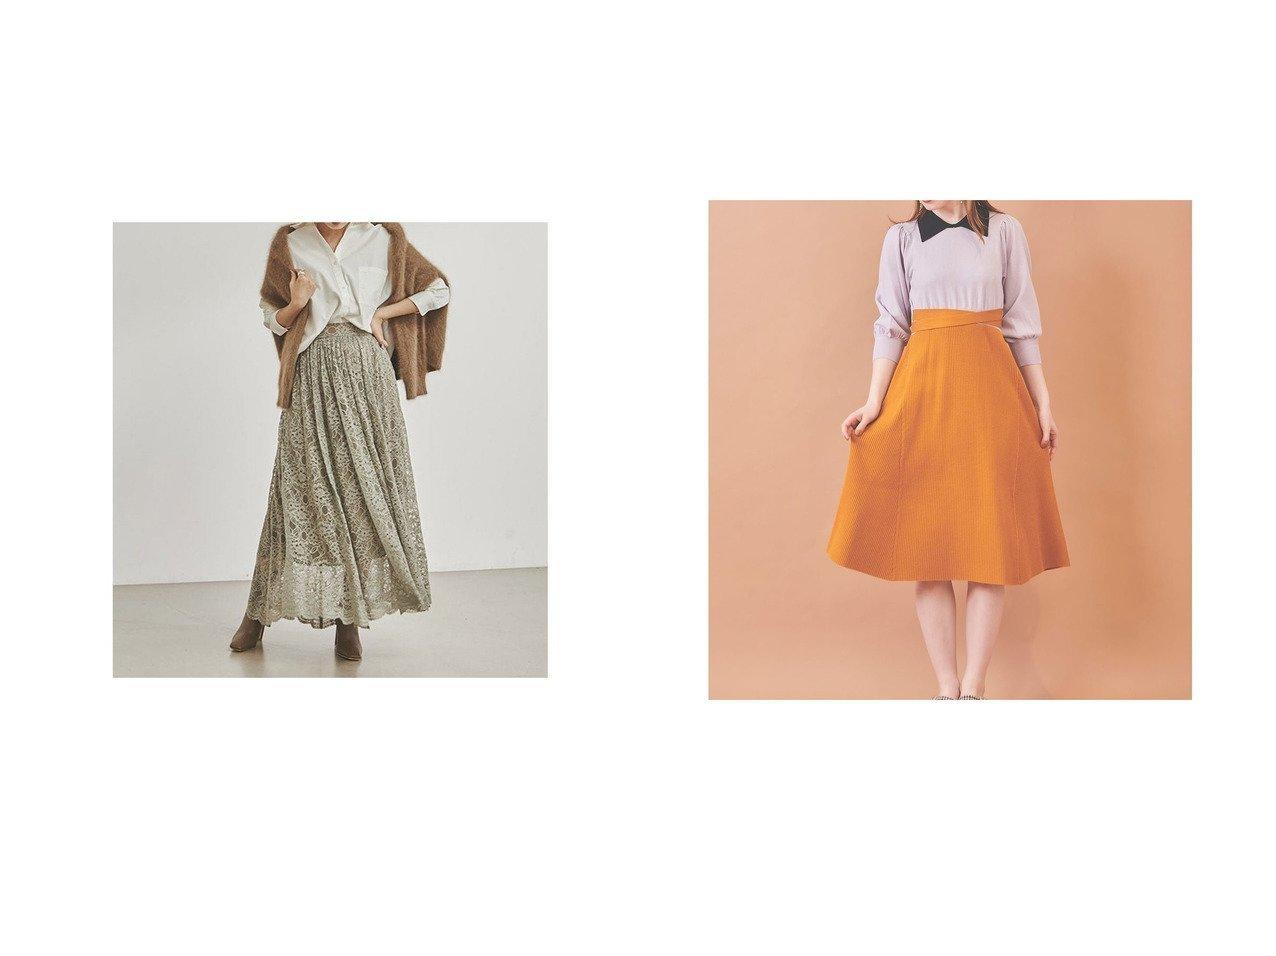 【31 Sons de mode/トランテアン ソン ドゥ モード】の襟付きニットワンピース&【anuans/アニュアンス】のスカラップレーススカート おすすめ!人気、トレンド・レディースファッションの通販 おすすめで人気の流行・トレンド、ファッションの通販商品 インテリア・家具・メンズファッション・キッズファッション・レディースファッション・服の通販 founy(ファニー) https://founy.com/ ファッション Fashion レディースファッション WOMEN スカート Skirt ワンピース Dress ニットワンピース Knit Dresses なめらか アンティーク シンプル レース スリーブ フェミニン リボン A/W・秋冬 AW・Autumn/Winter・FW・Fall-Winter 冬 Winter 2021年 2021 2021-2022秋冬・A/W AW・Autumn/Winter・FW・Fall-Winter・2021-2022  ID:crp329100000071011